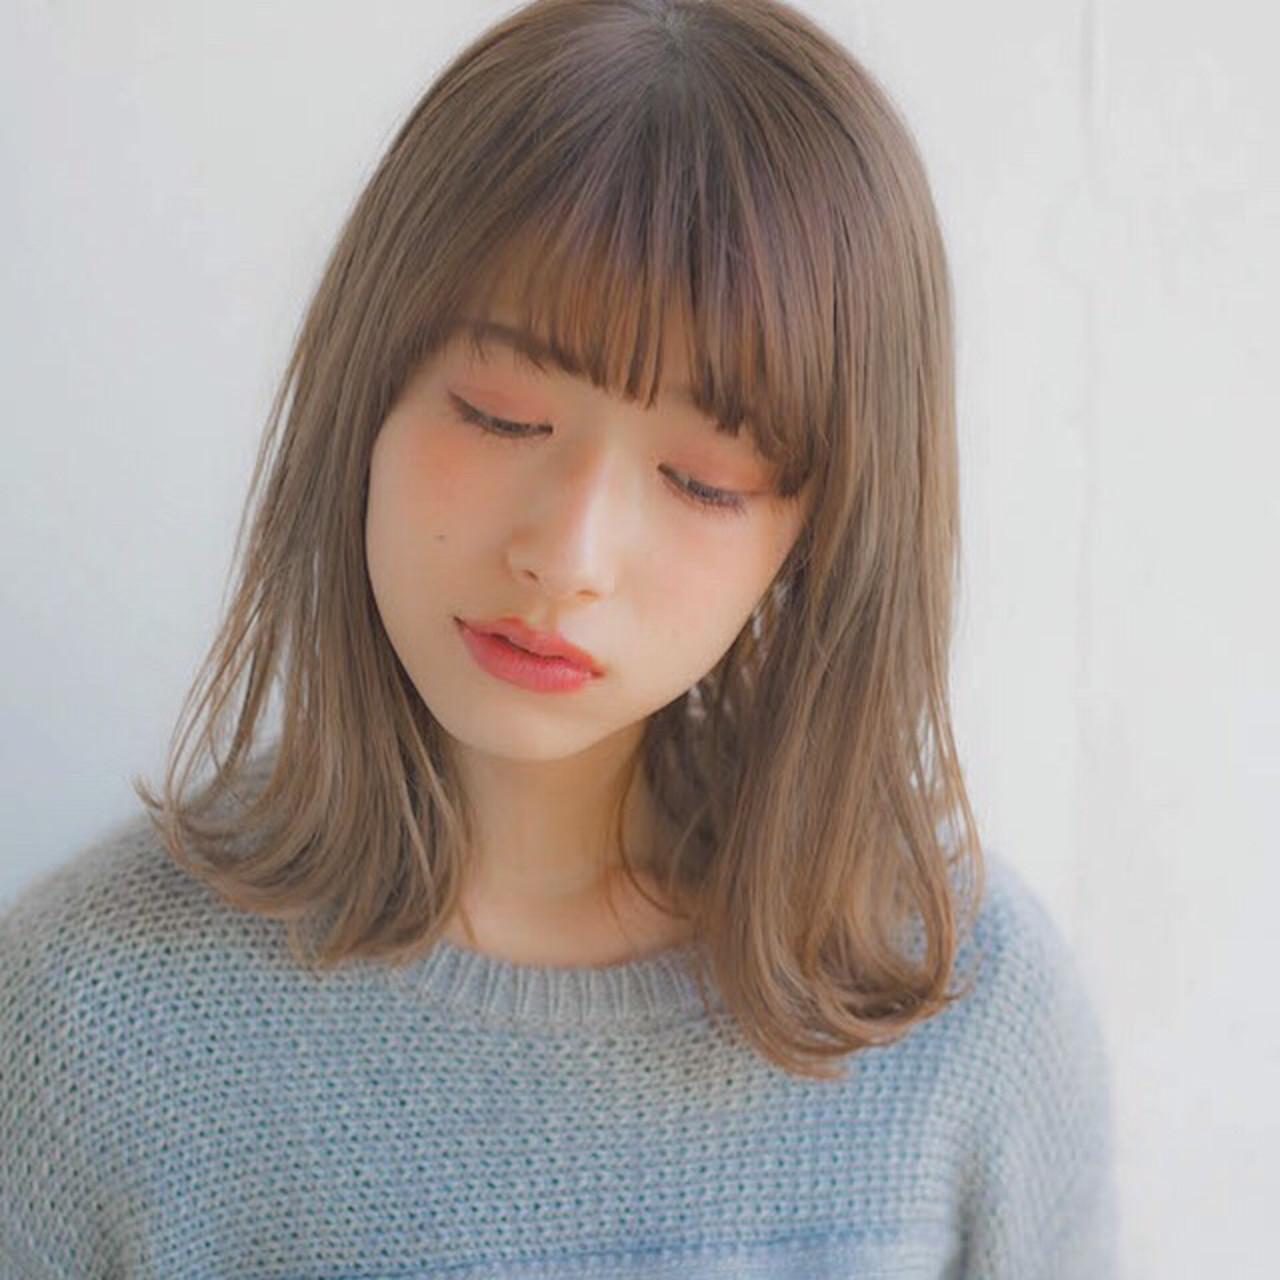 ミディアム アンニュイほつれヘア 大人かわいい パーマ ヘアスタイルや髪型の写真・画像